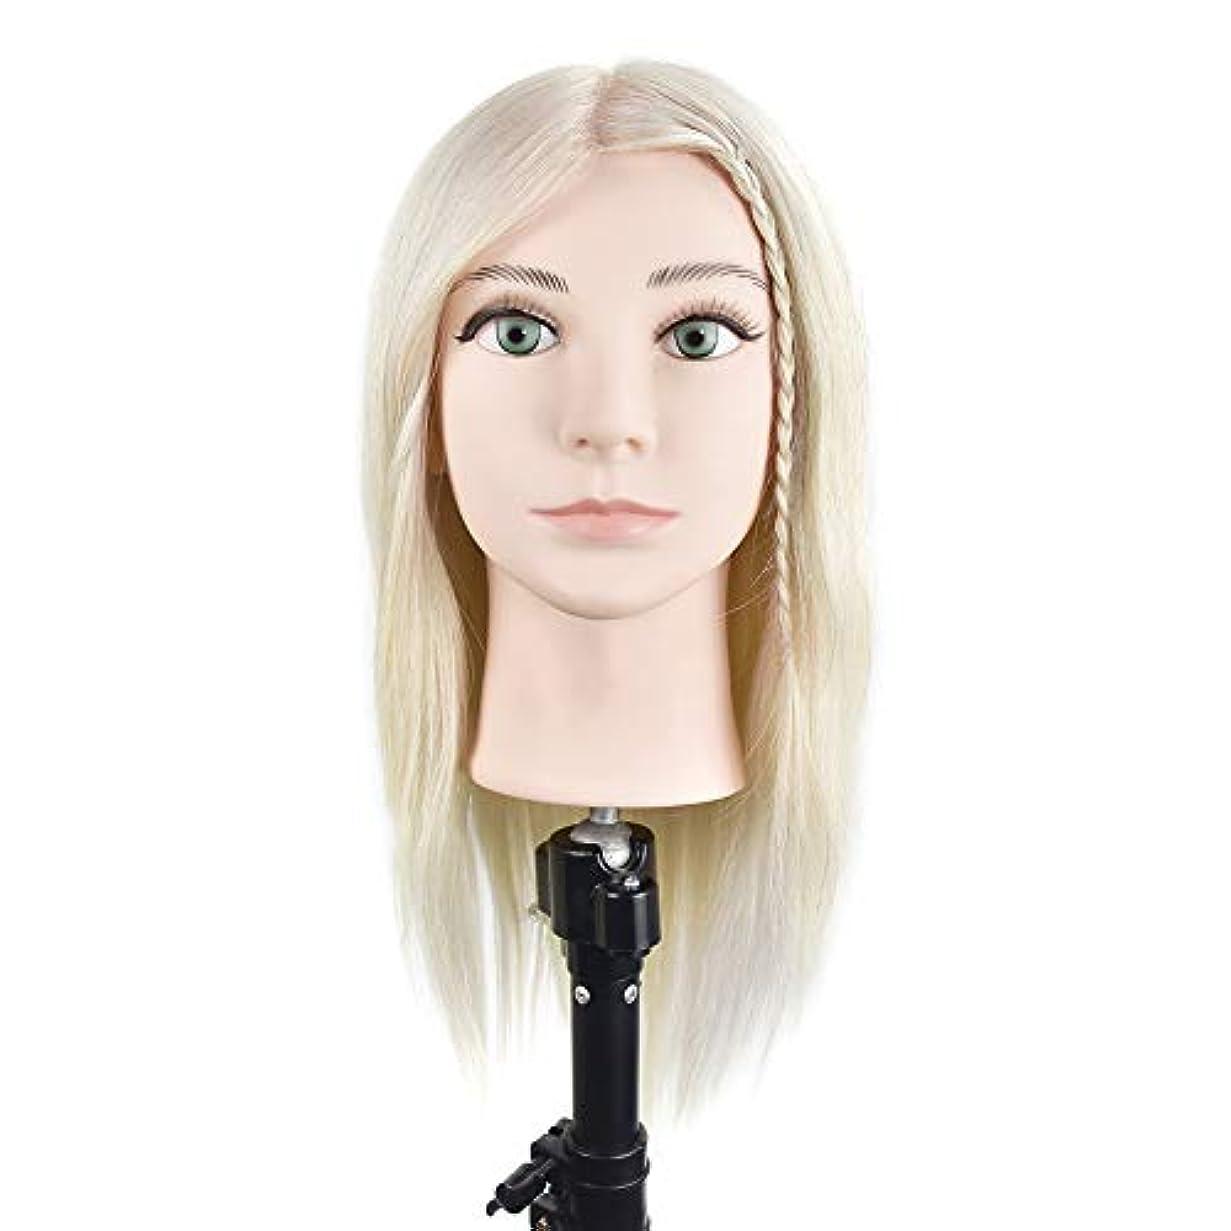 悪質な白鳥グラス専門の練習ホット染色漂白はさみモデリングマネキン髪編組髪かつら女性モデルティーチングヘッド